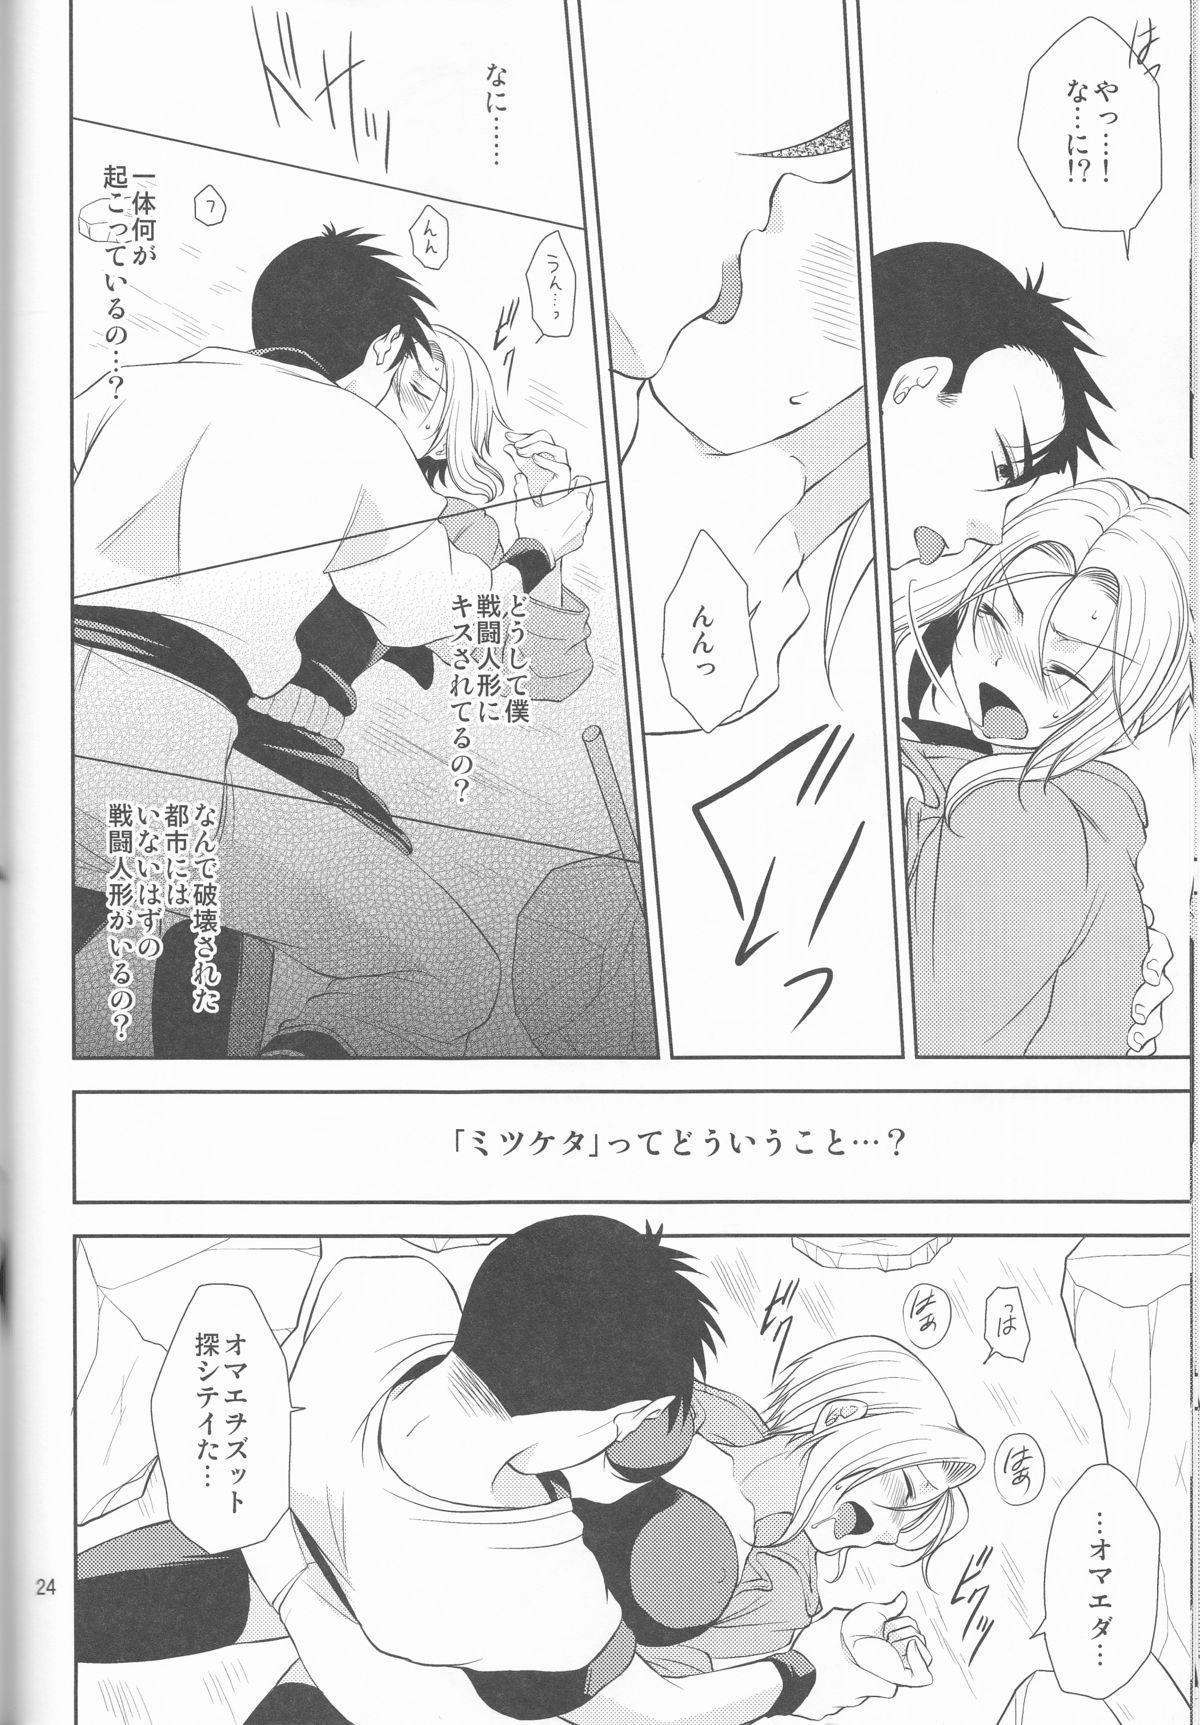 Soshite Boku wa Sono Suisen ni Miirareta. 23